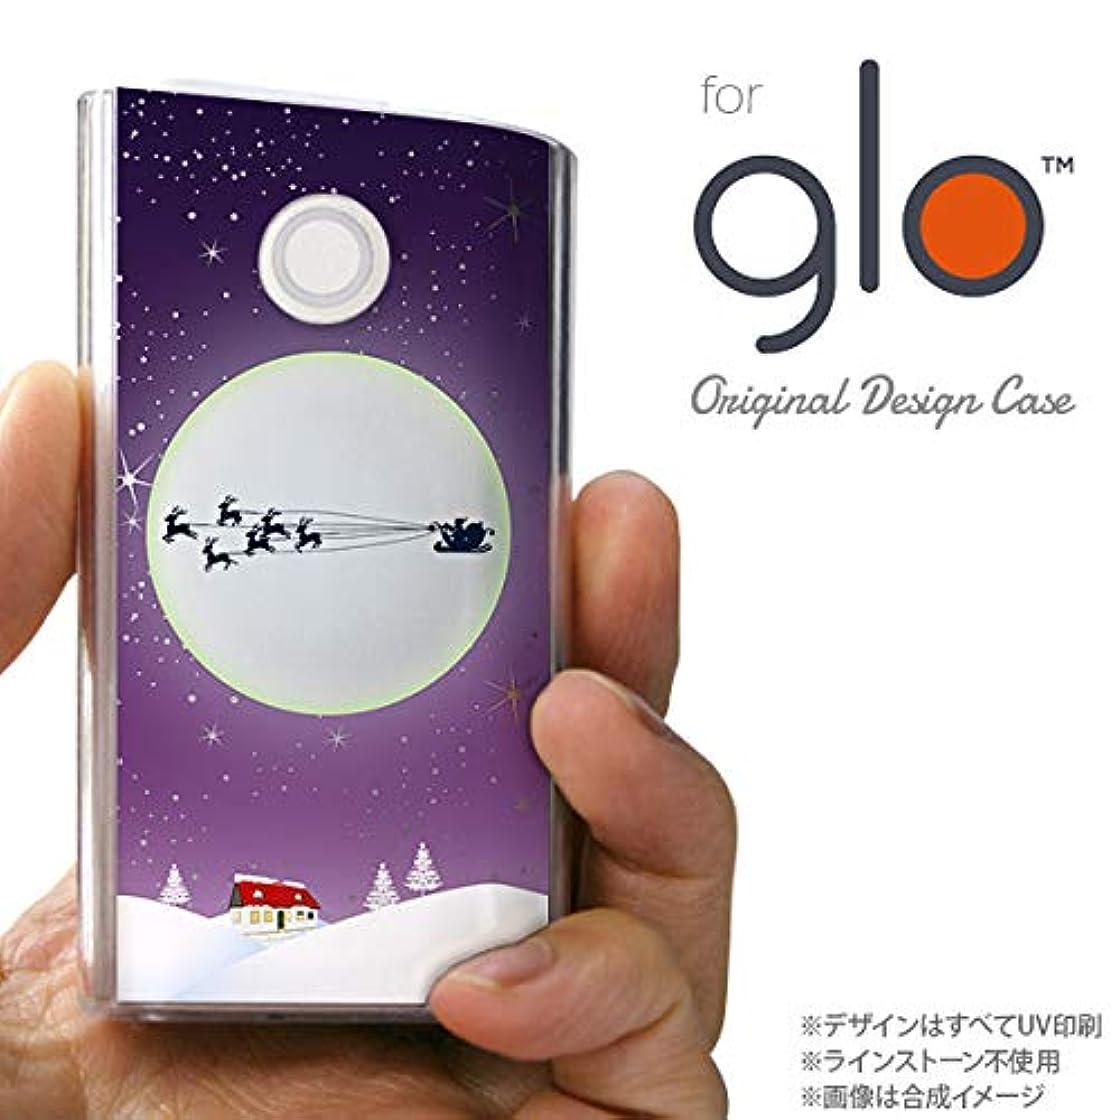 降伏ゴール上向きglo グローケース カバー グロー クリスマス 紫 nk-glo-1004